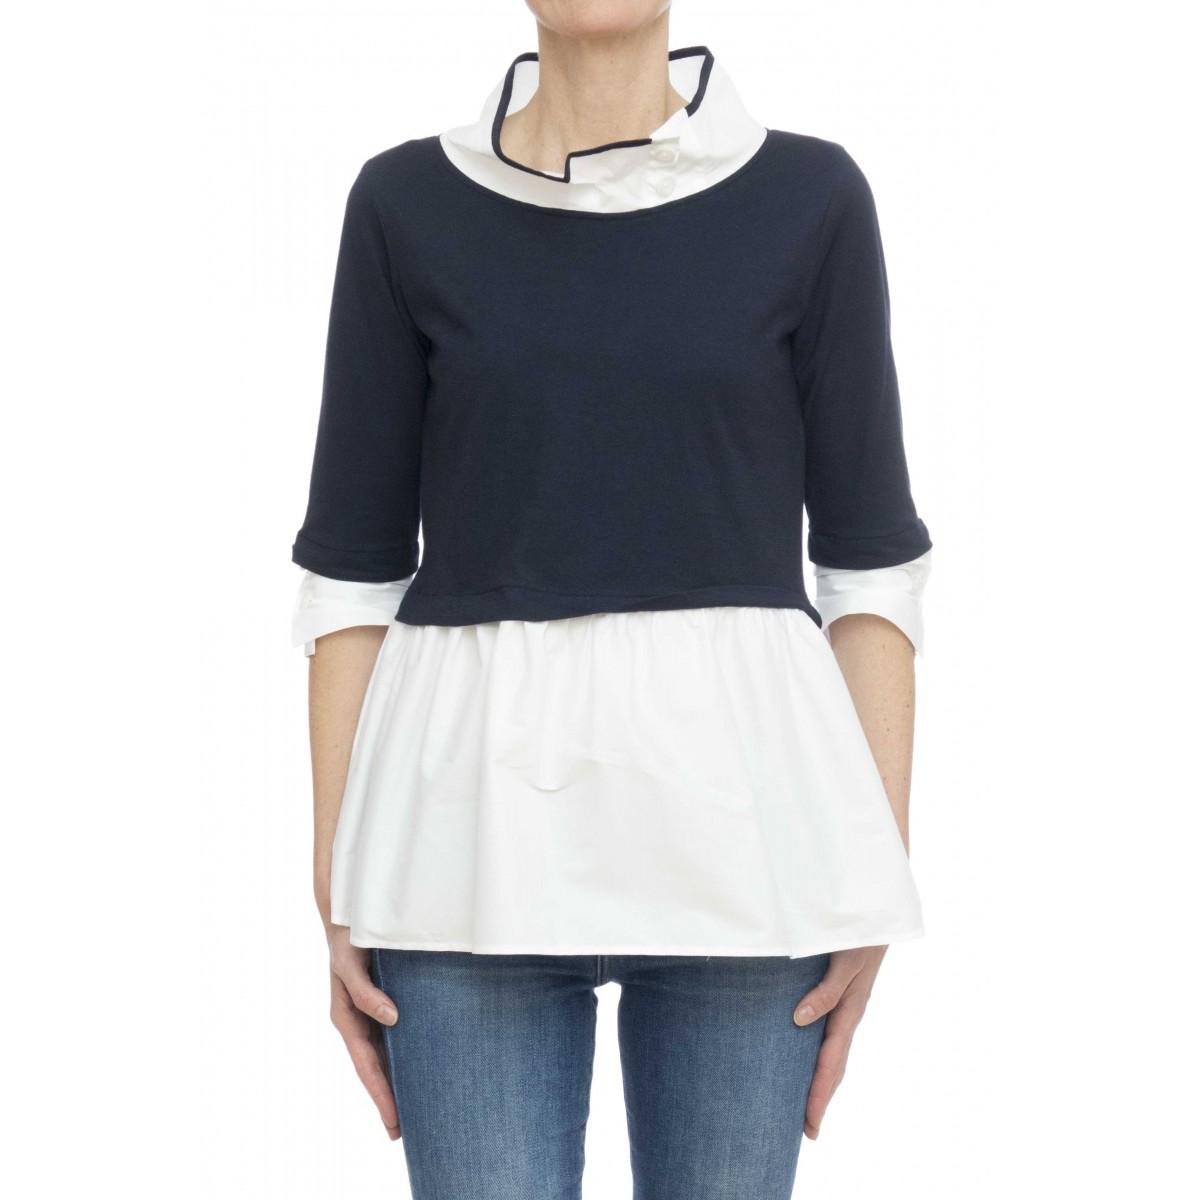 Camicia donna - Francesca 45915 camciia bi tessuto